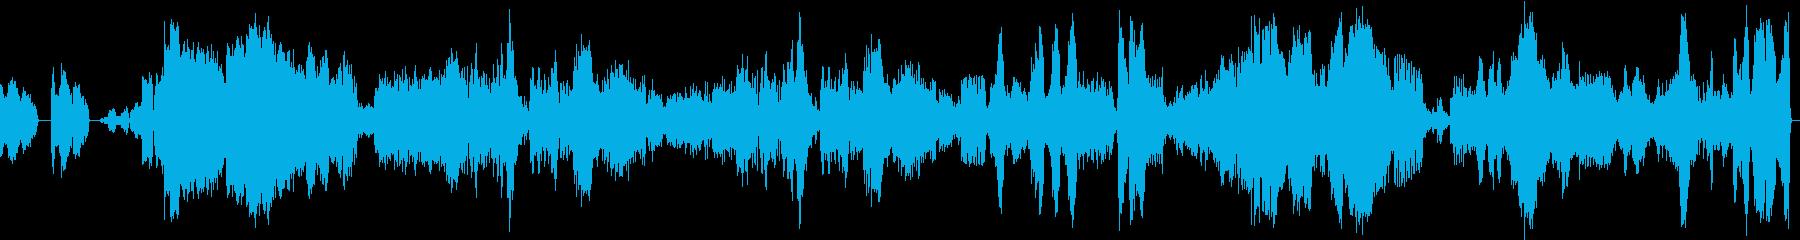 セルゲイ・ラフマニノフのカバーの再生済みの波形